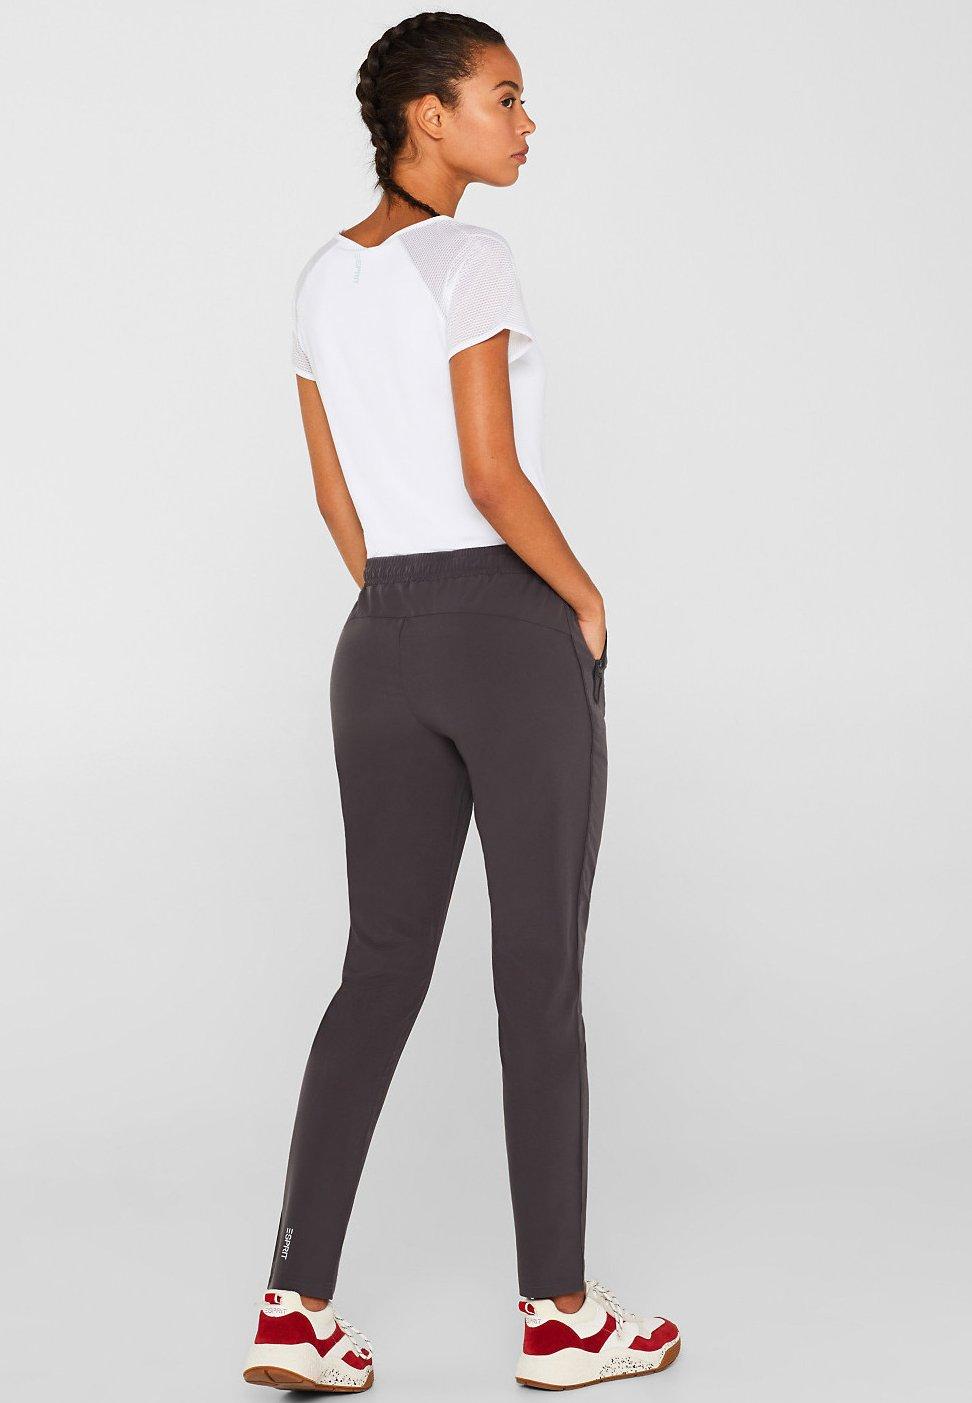 Esprit Sports Pantalon de survêtement anthracite